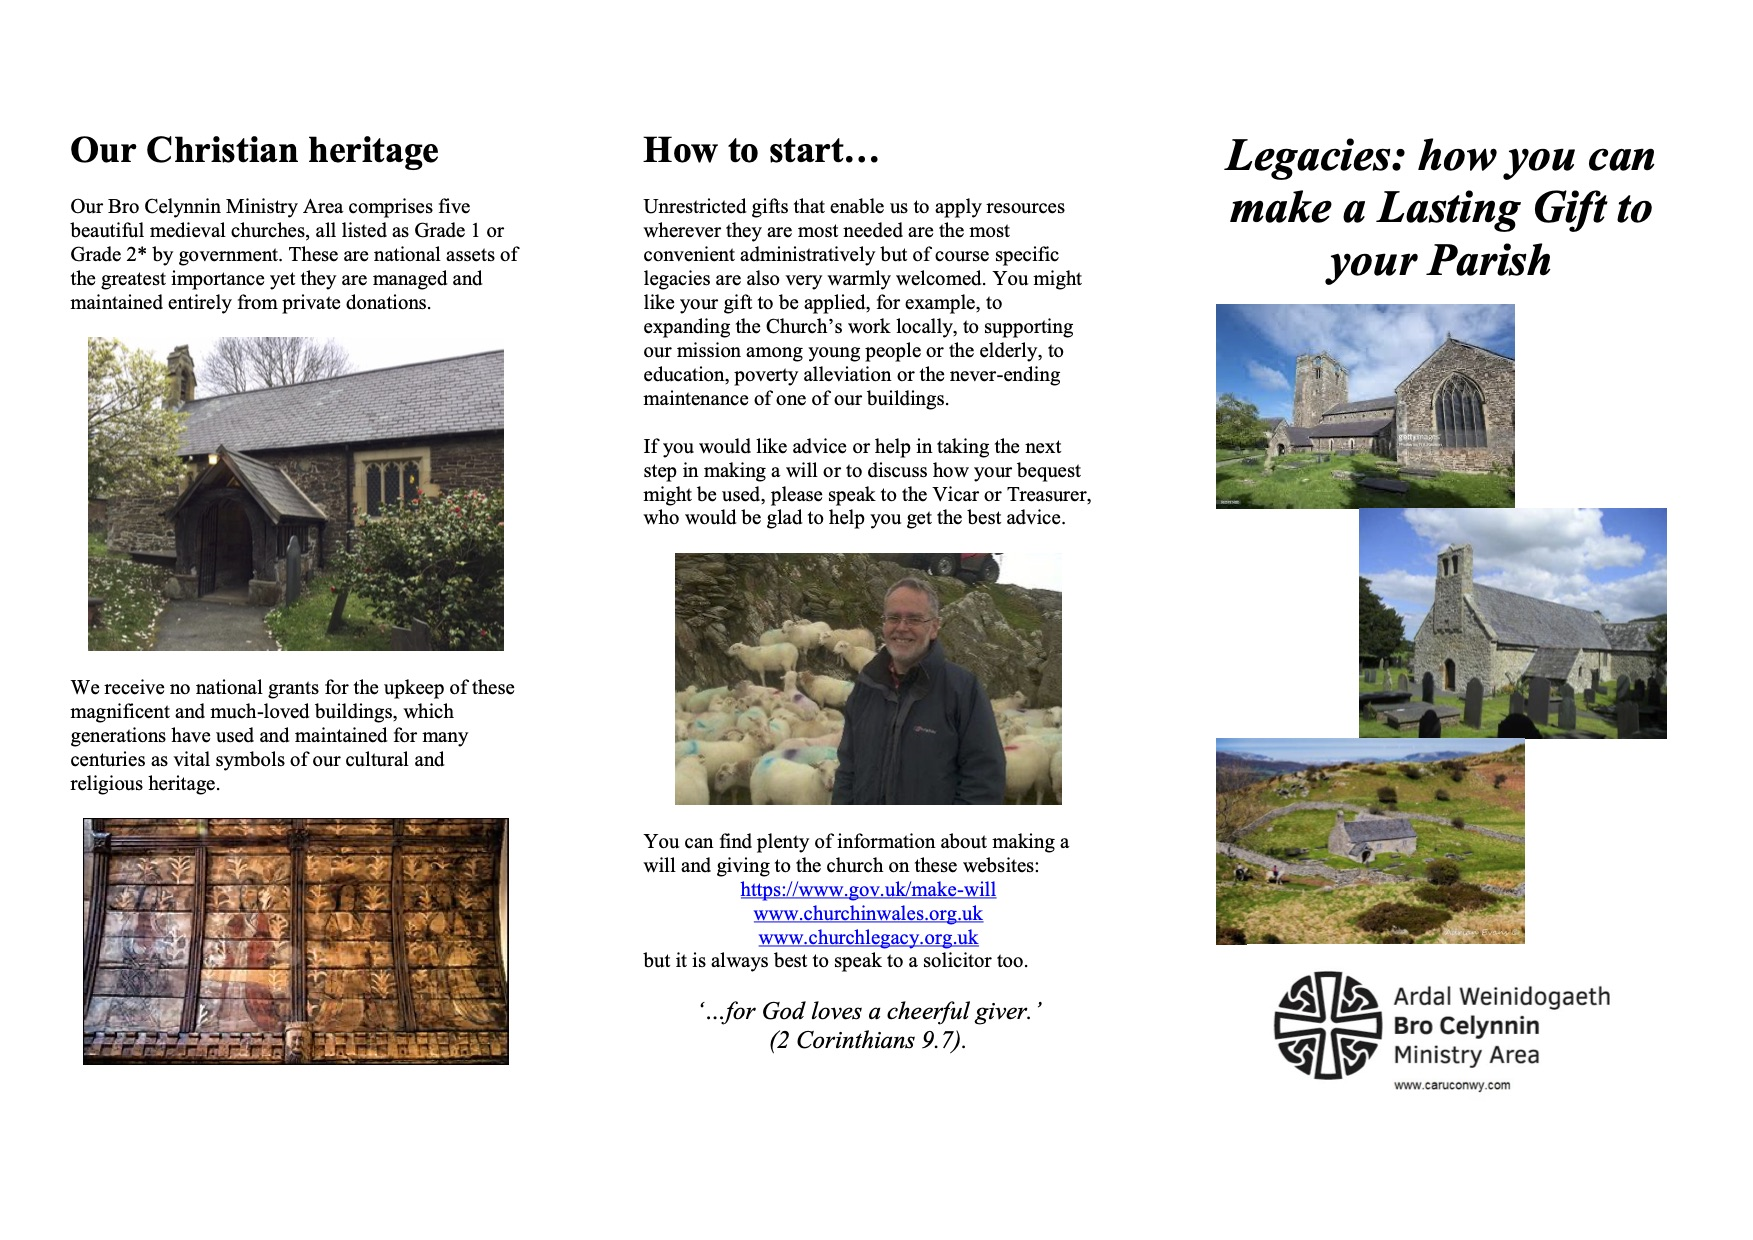 Bro Celynnin Legacy Leaflet (page 1)